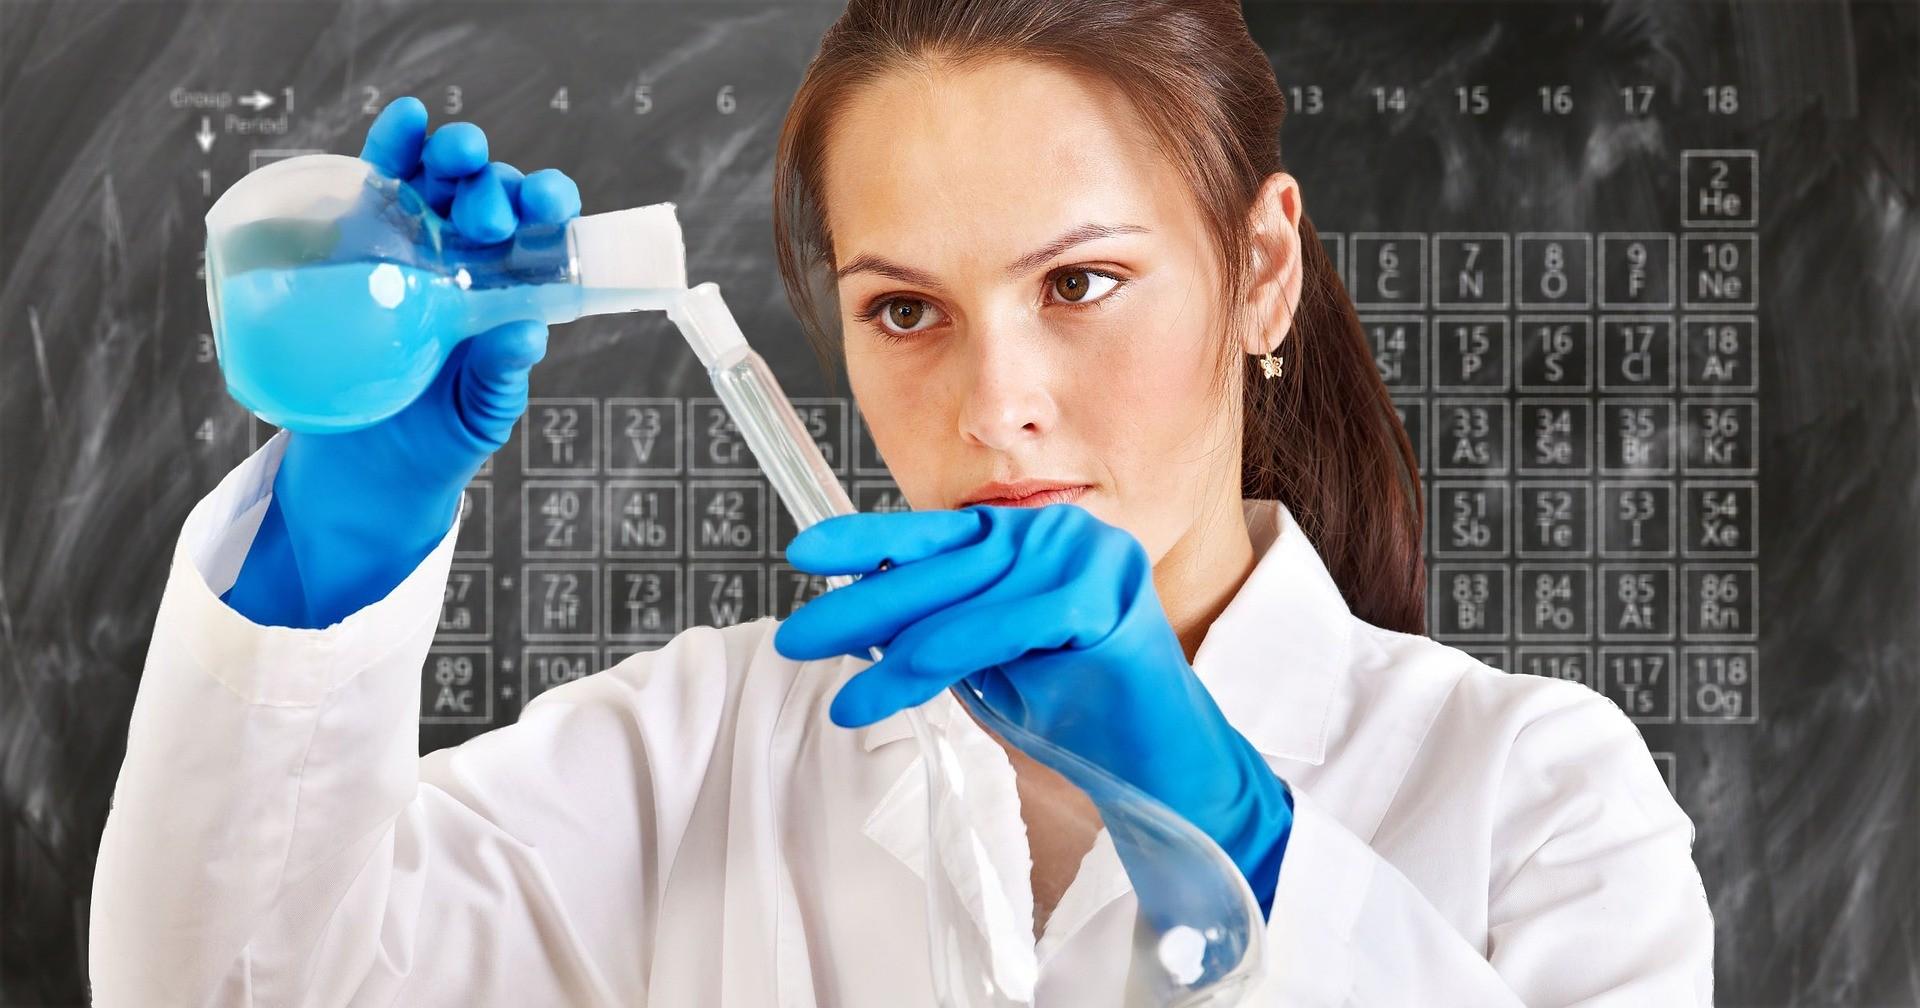 Tavaly 83,3 milliárd forint kutatás-fejlesztési és innovációs támogatást fizettek ki az NFKI Alapból